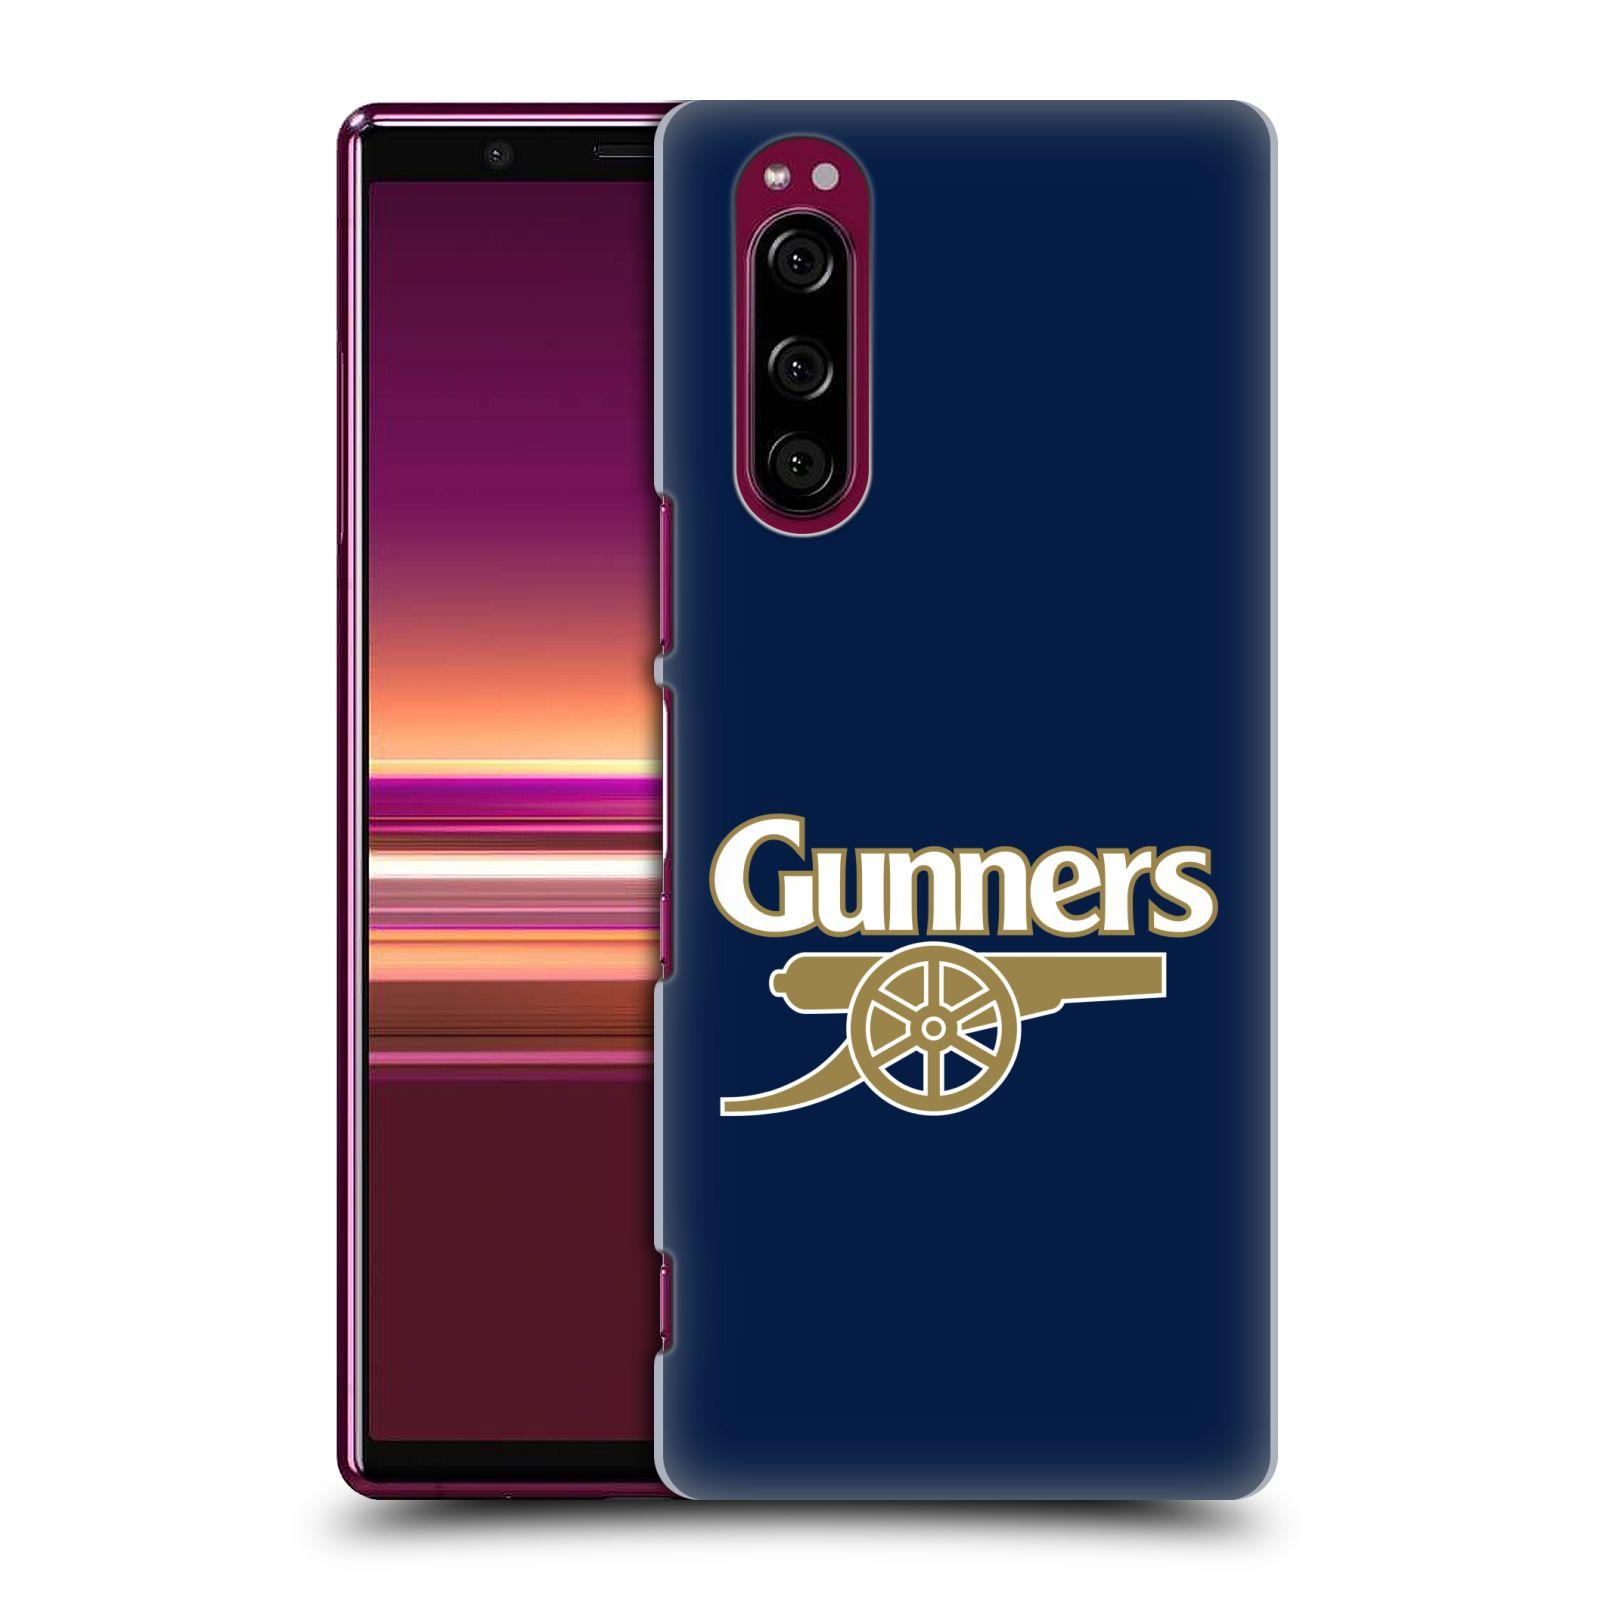 Plastové pouzdro na mobil Sony Xperia 5 - Head Case - Arsenal FC - Gunners